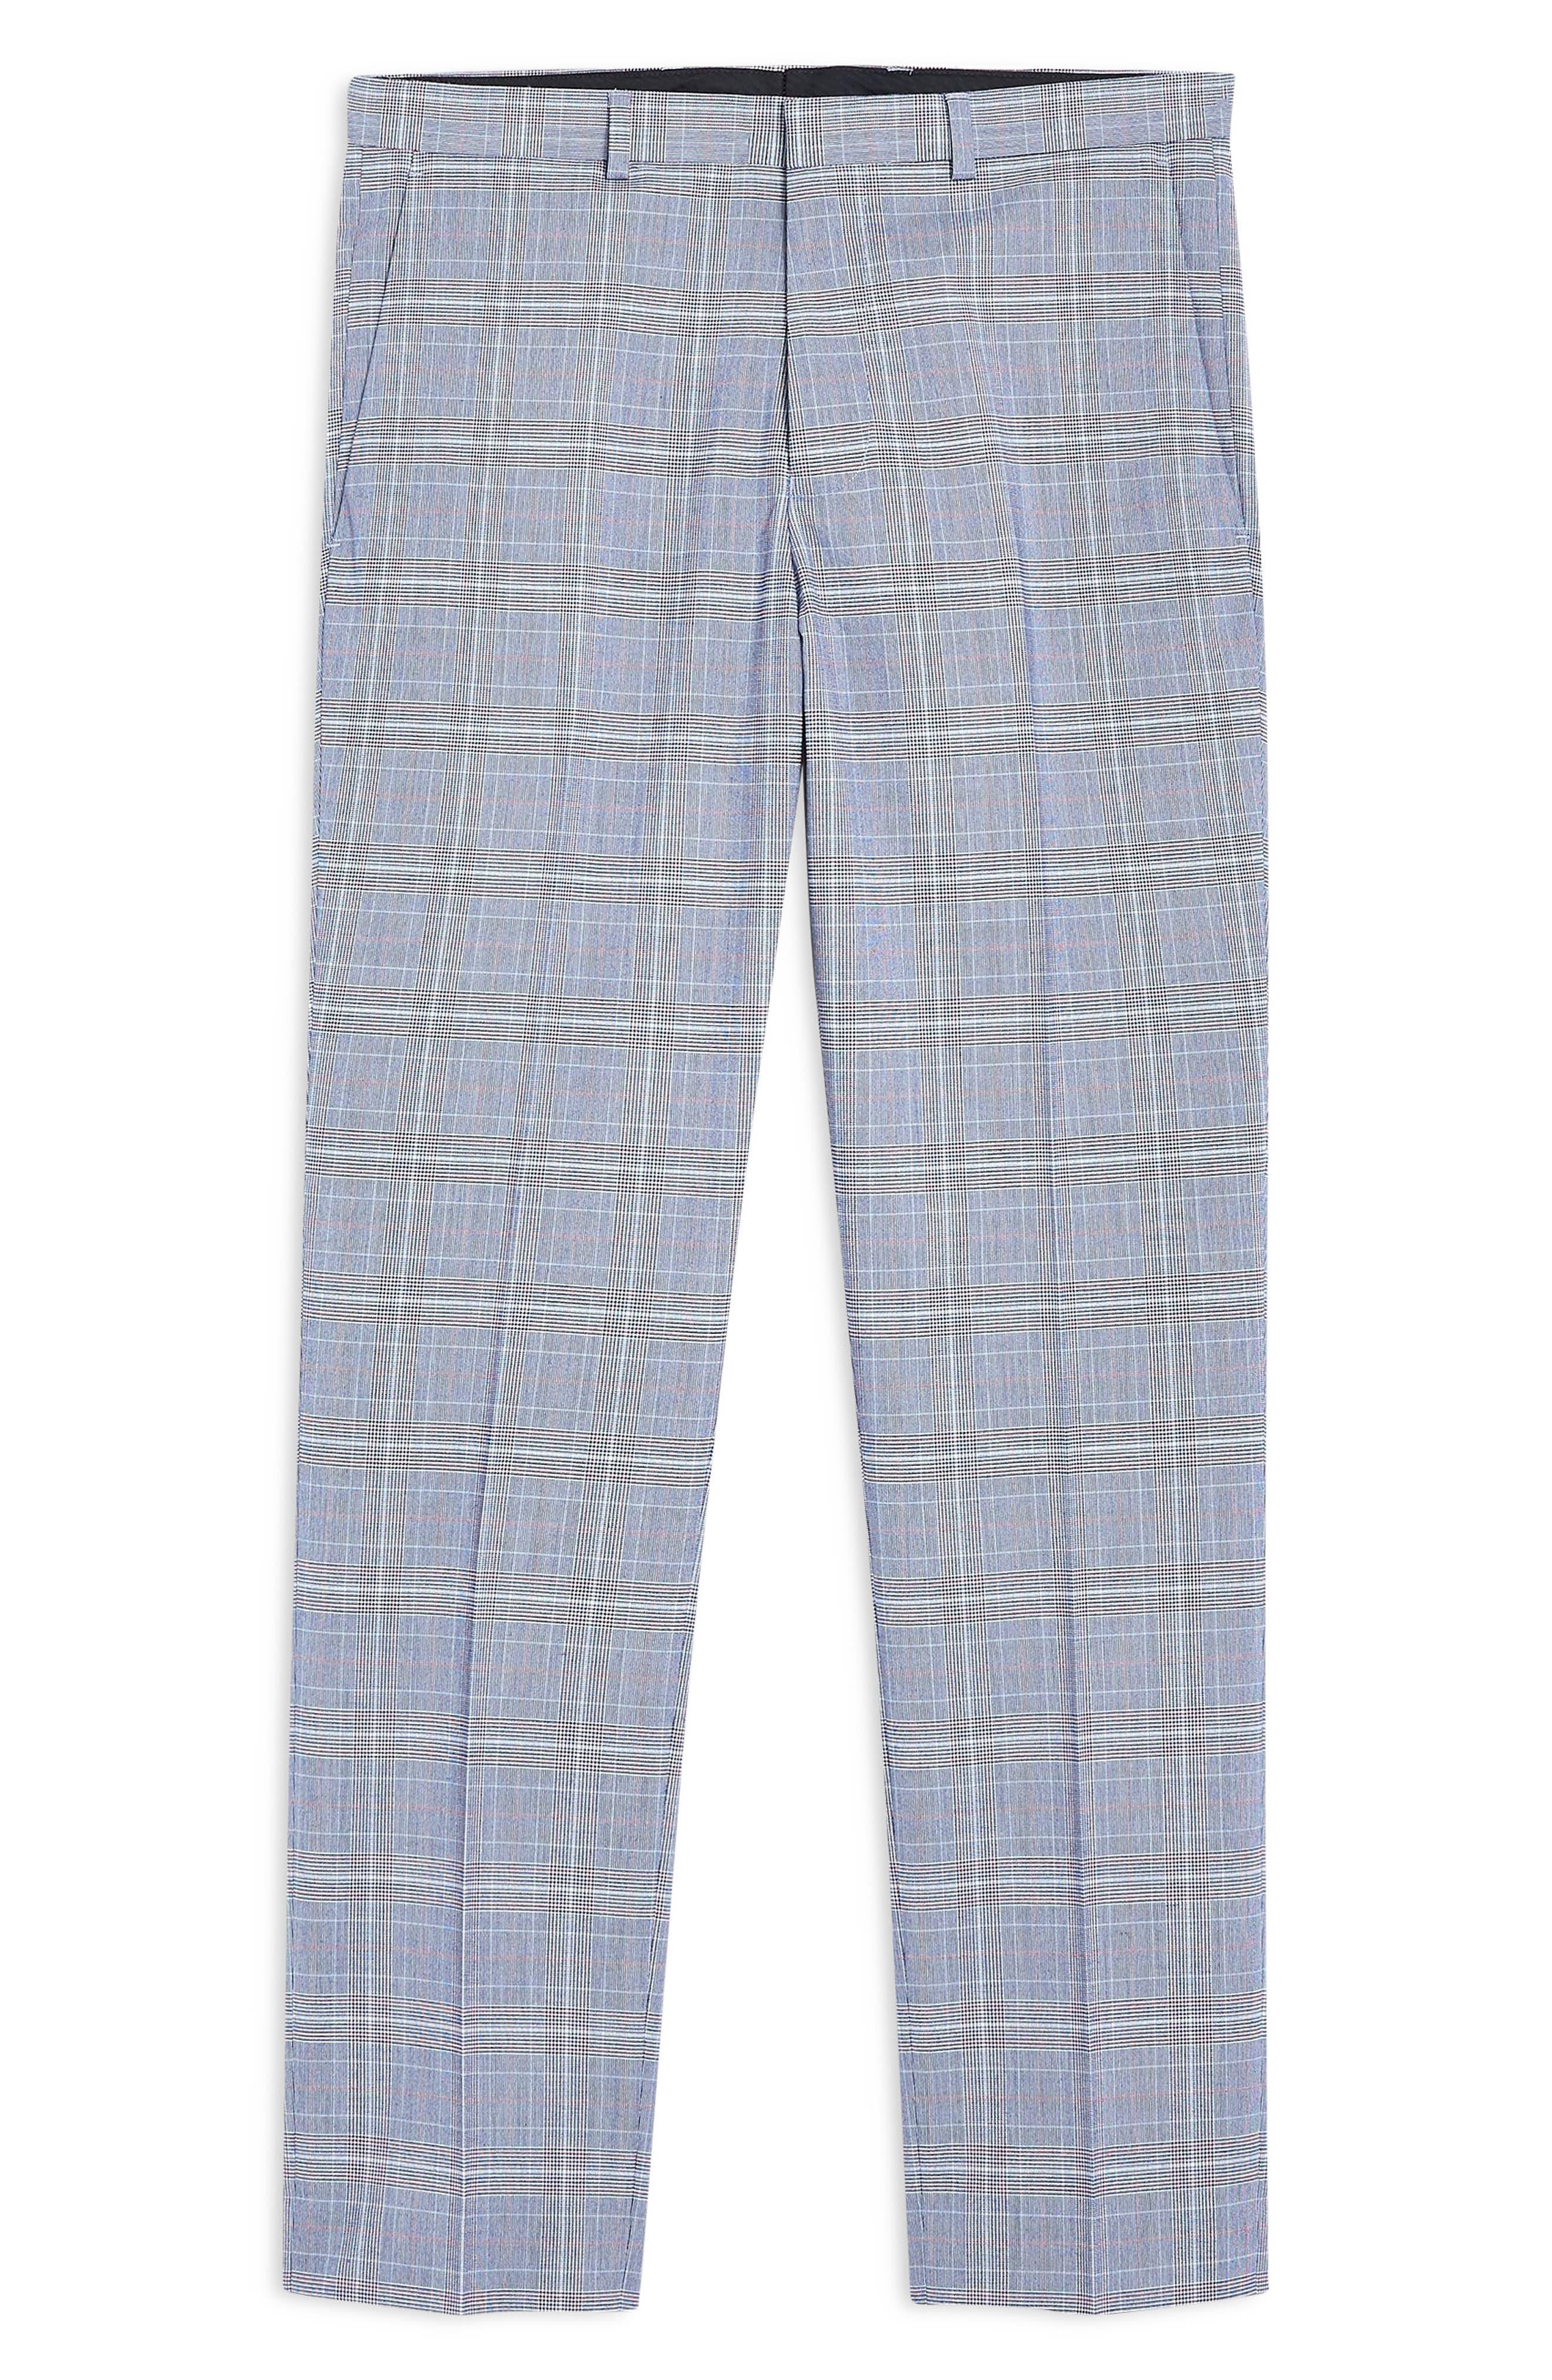 TOPMAN, Skinny Fit Plaid Trousers, Alternate thumbnail 5, color, BLUE MULTI